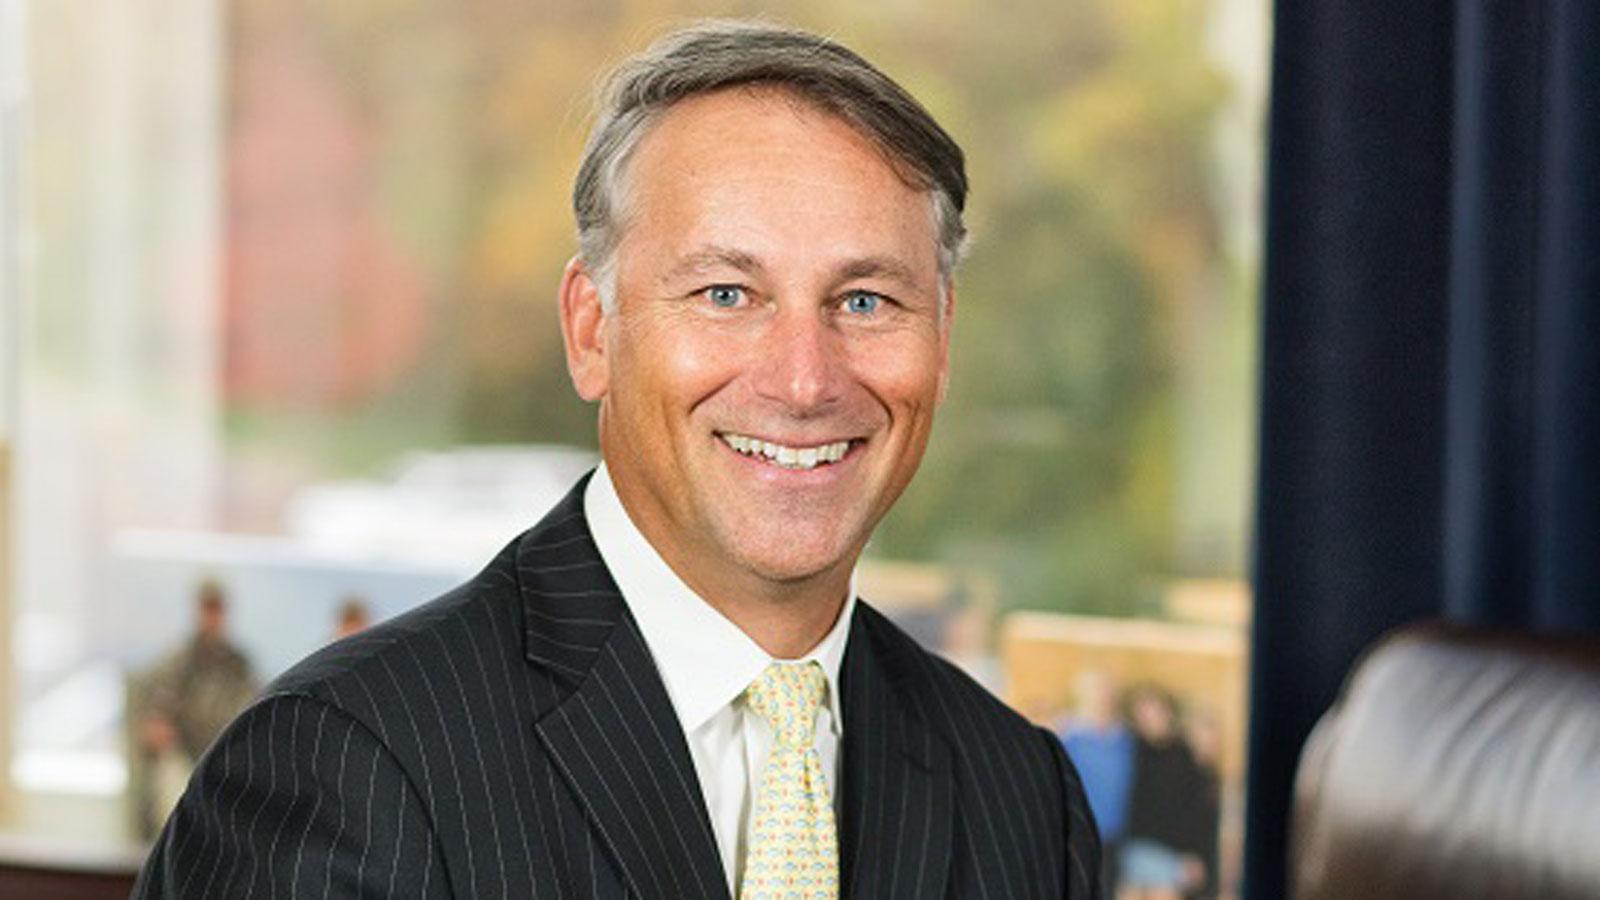 Gary M. Gore